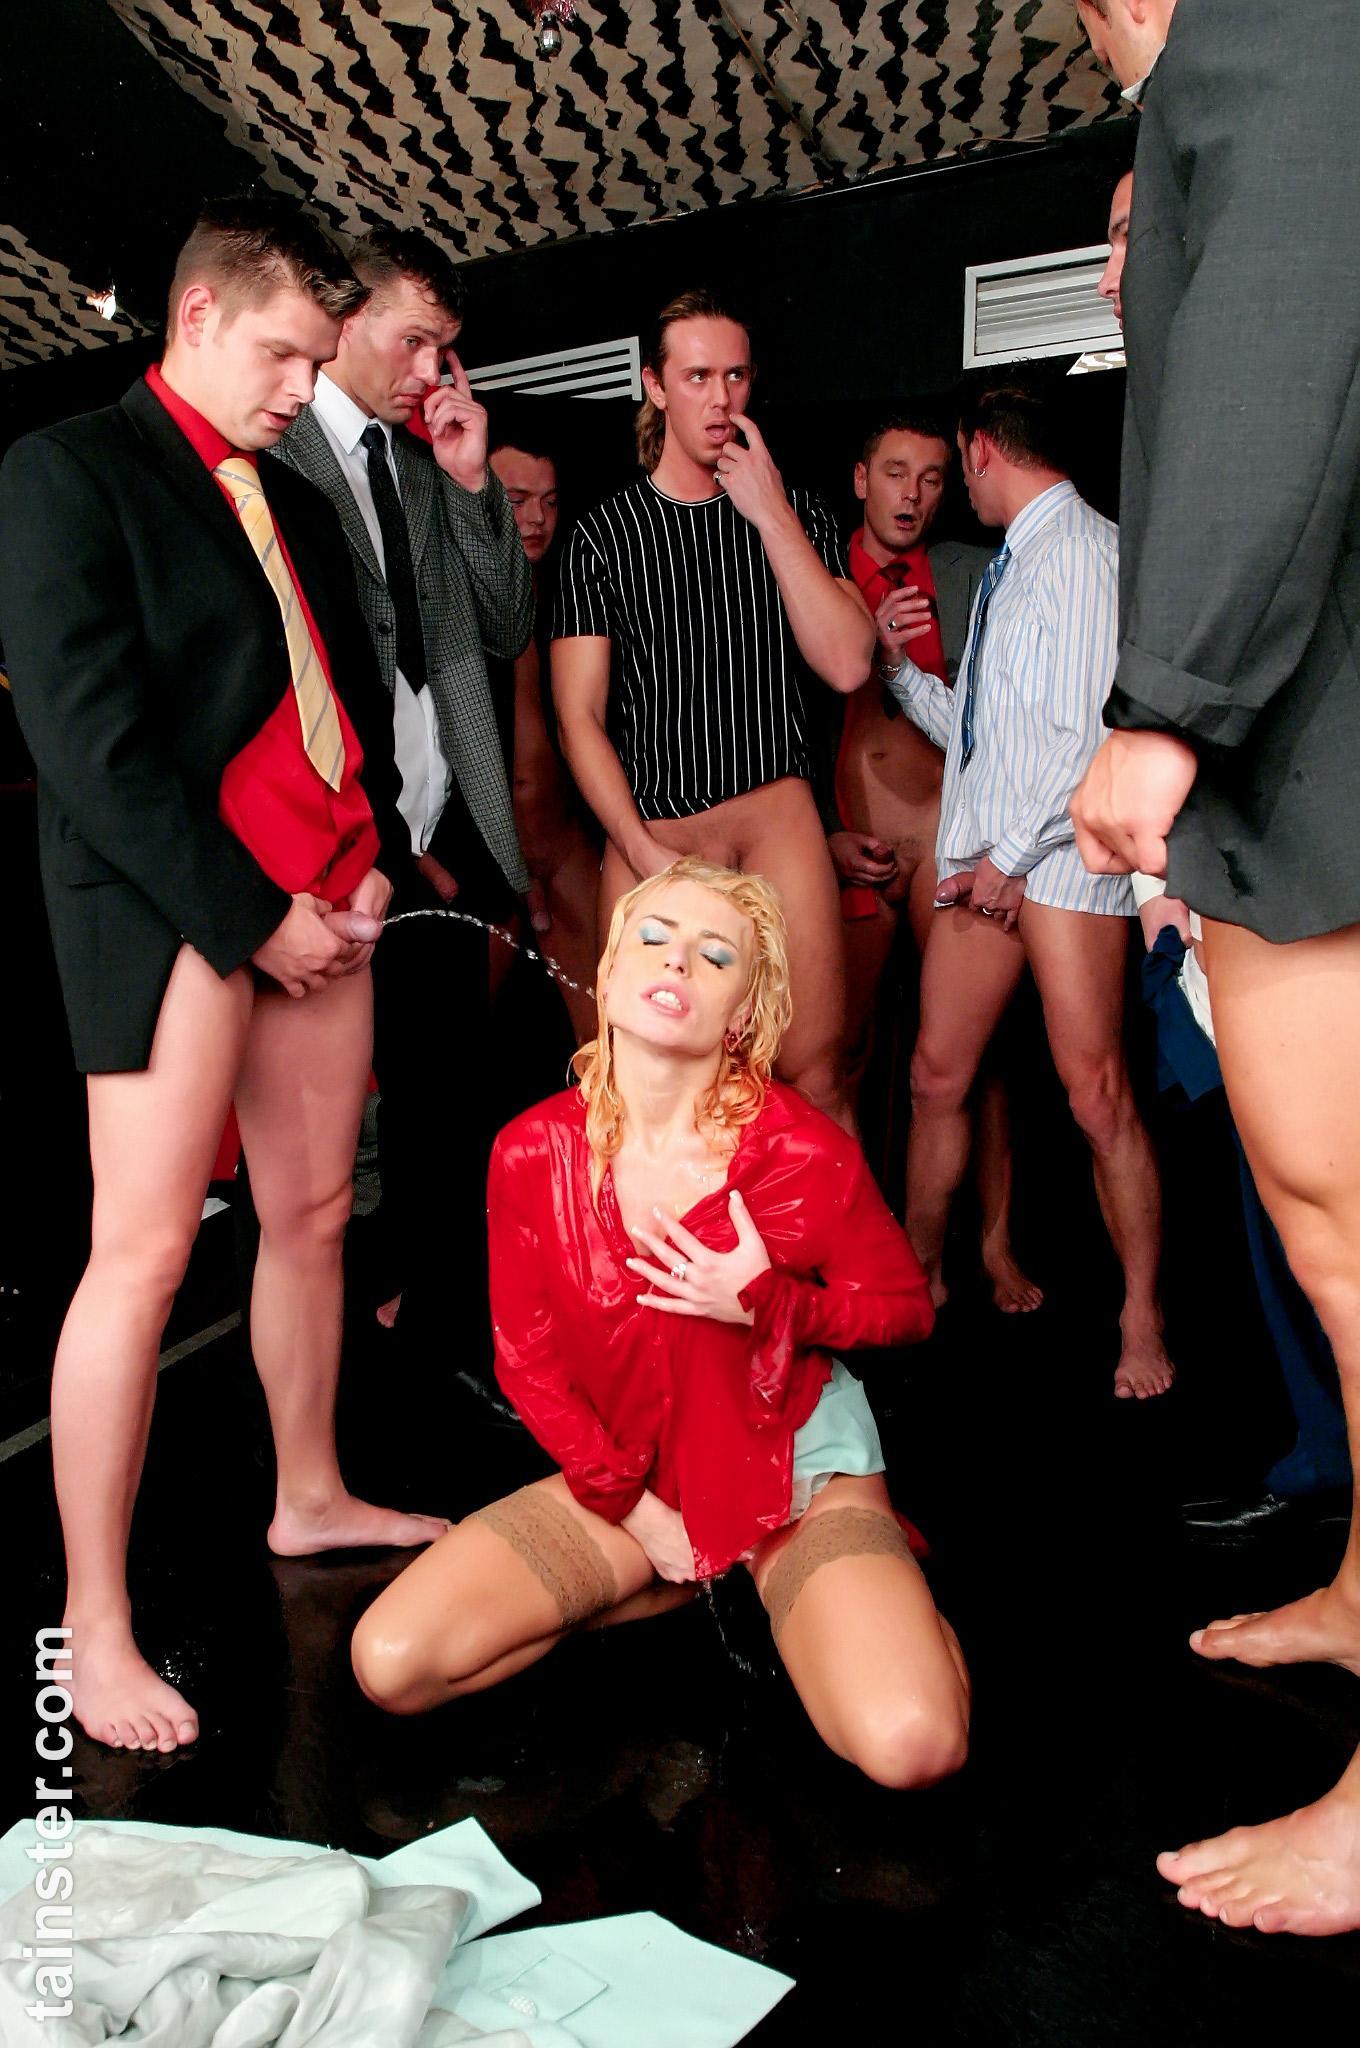 Pissing Pornofotos. Galerie № 1129. Foto - 15